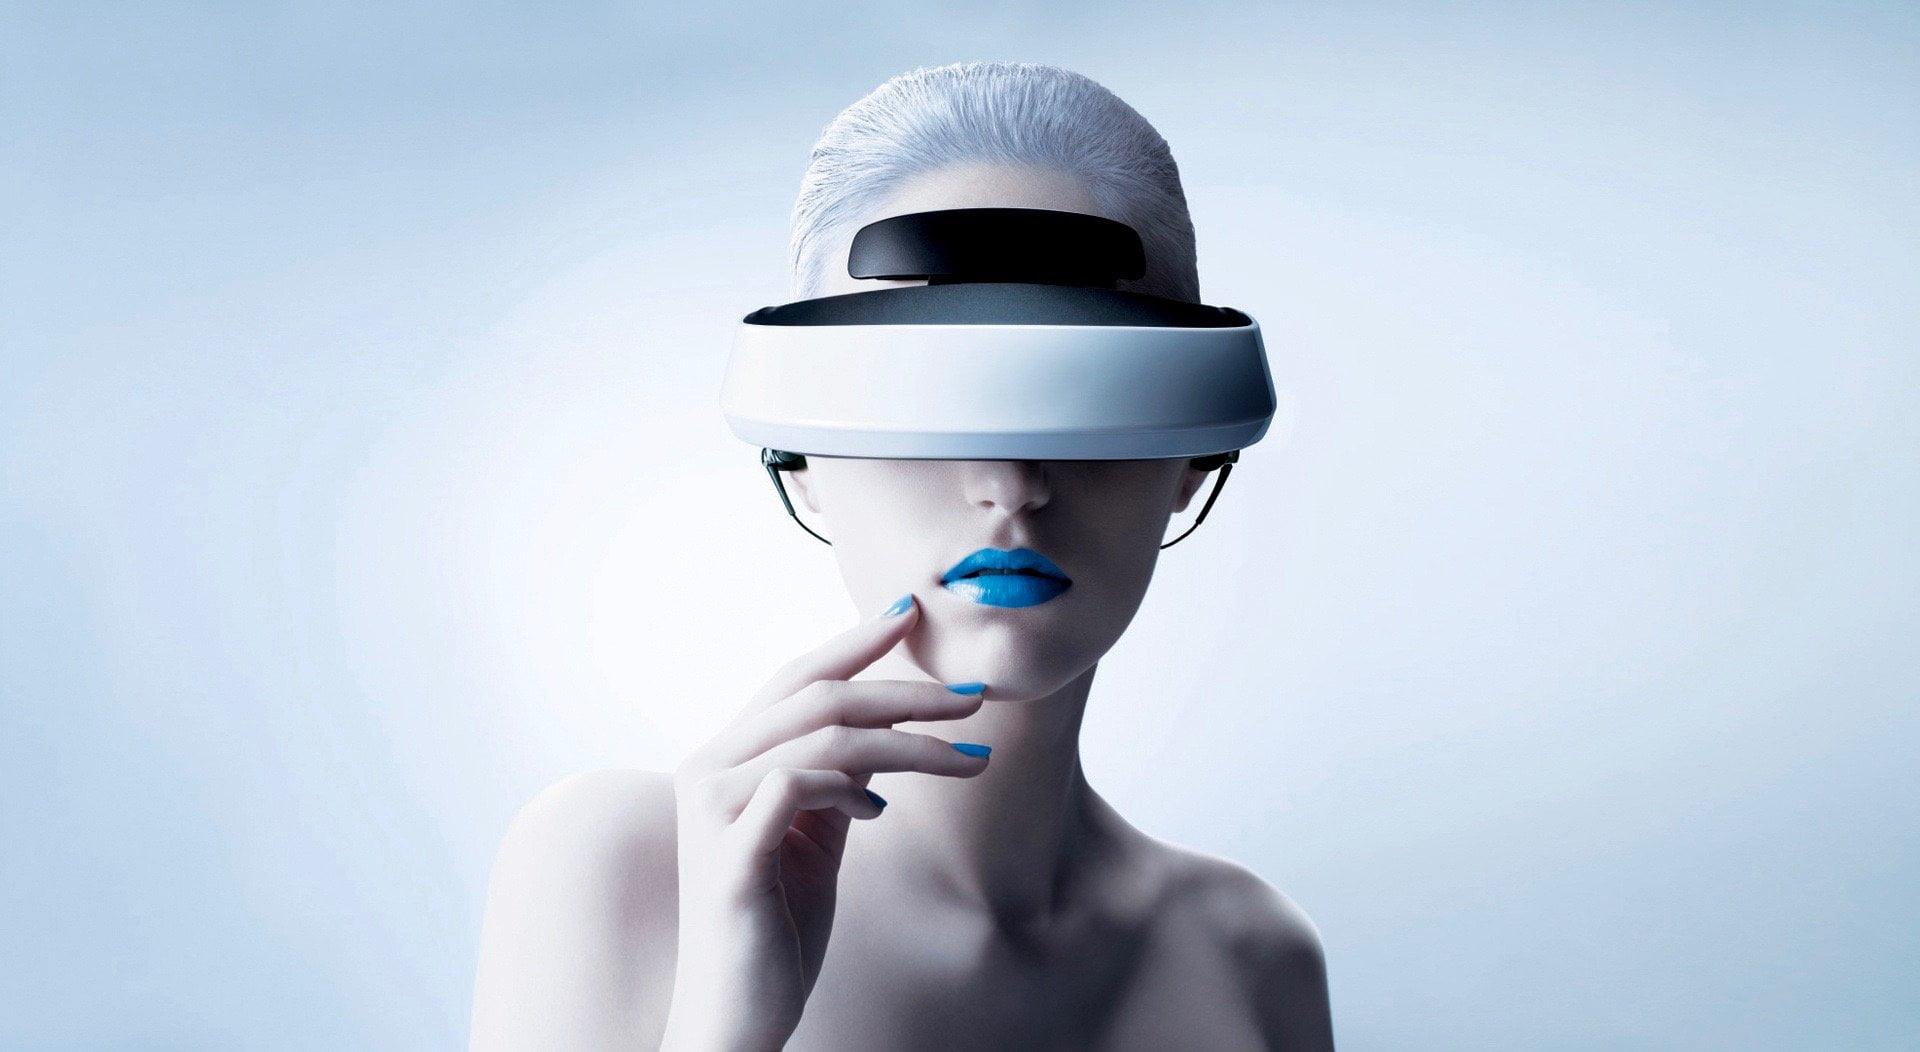 Quel futur pour la réalité virtuelle ? Projection de la VR en 2030